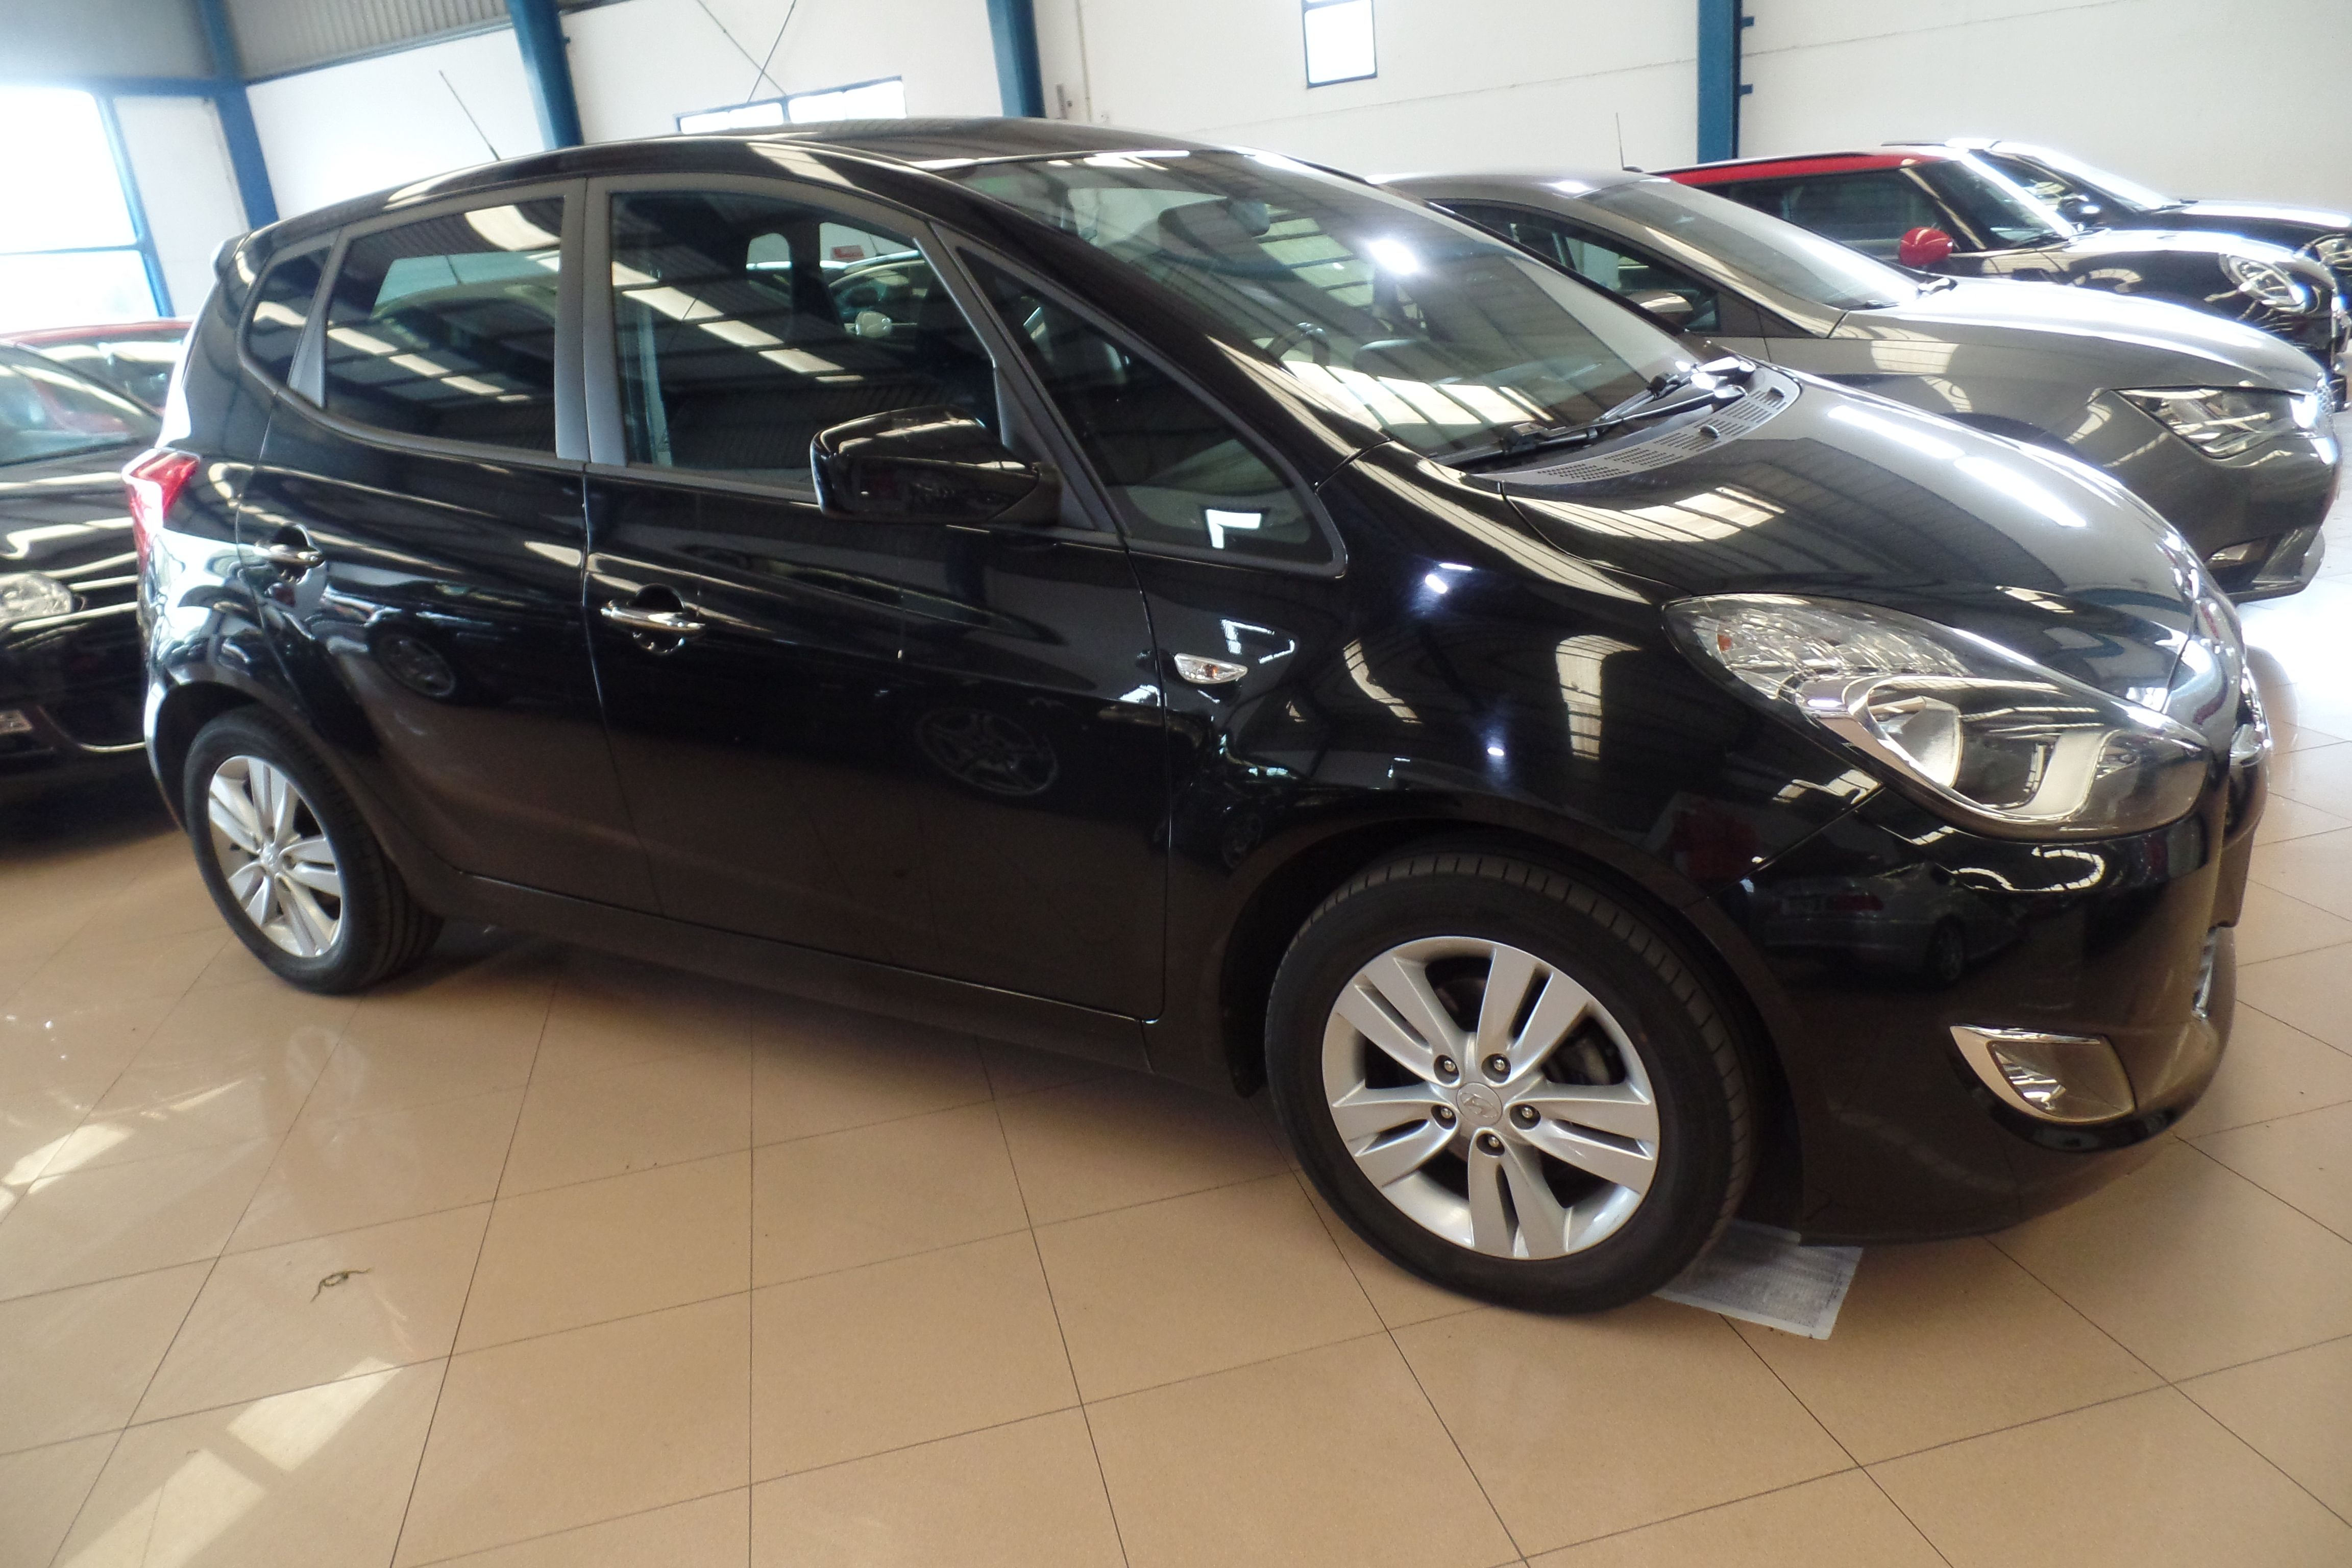 HYUNDAI ix20 1.6 CRDI GLS 115cv Comfort (7937HGP): Servicios Peugeot de Senra Sport